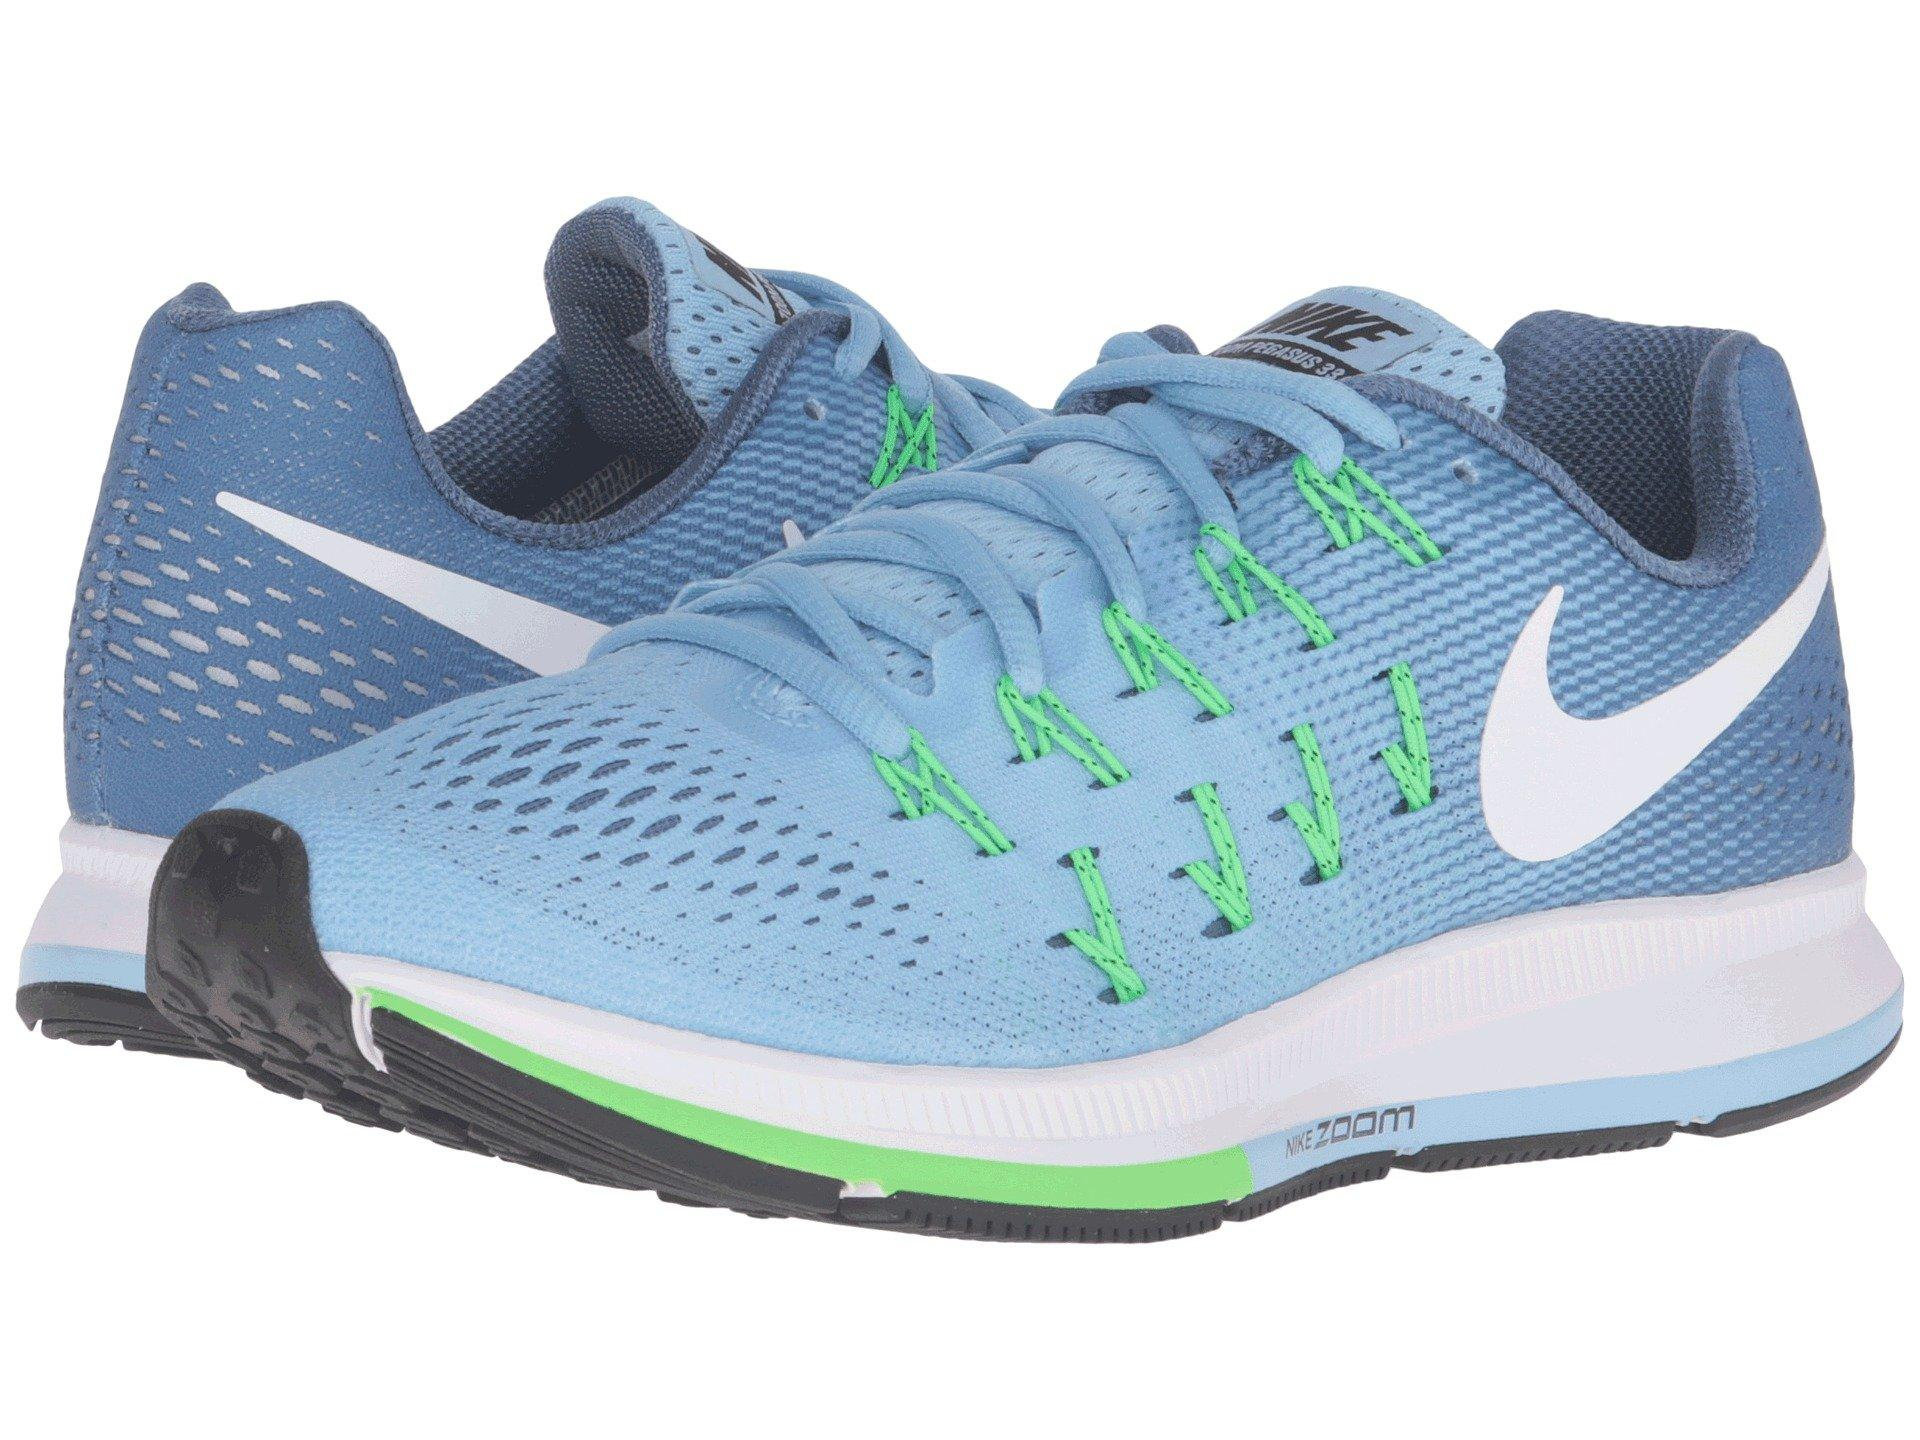 best sneakers 19edd a86af Nike Air Zoom Pegasus 33 In Blue Cap White Ocean Fog Rage Green